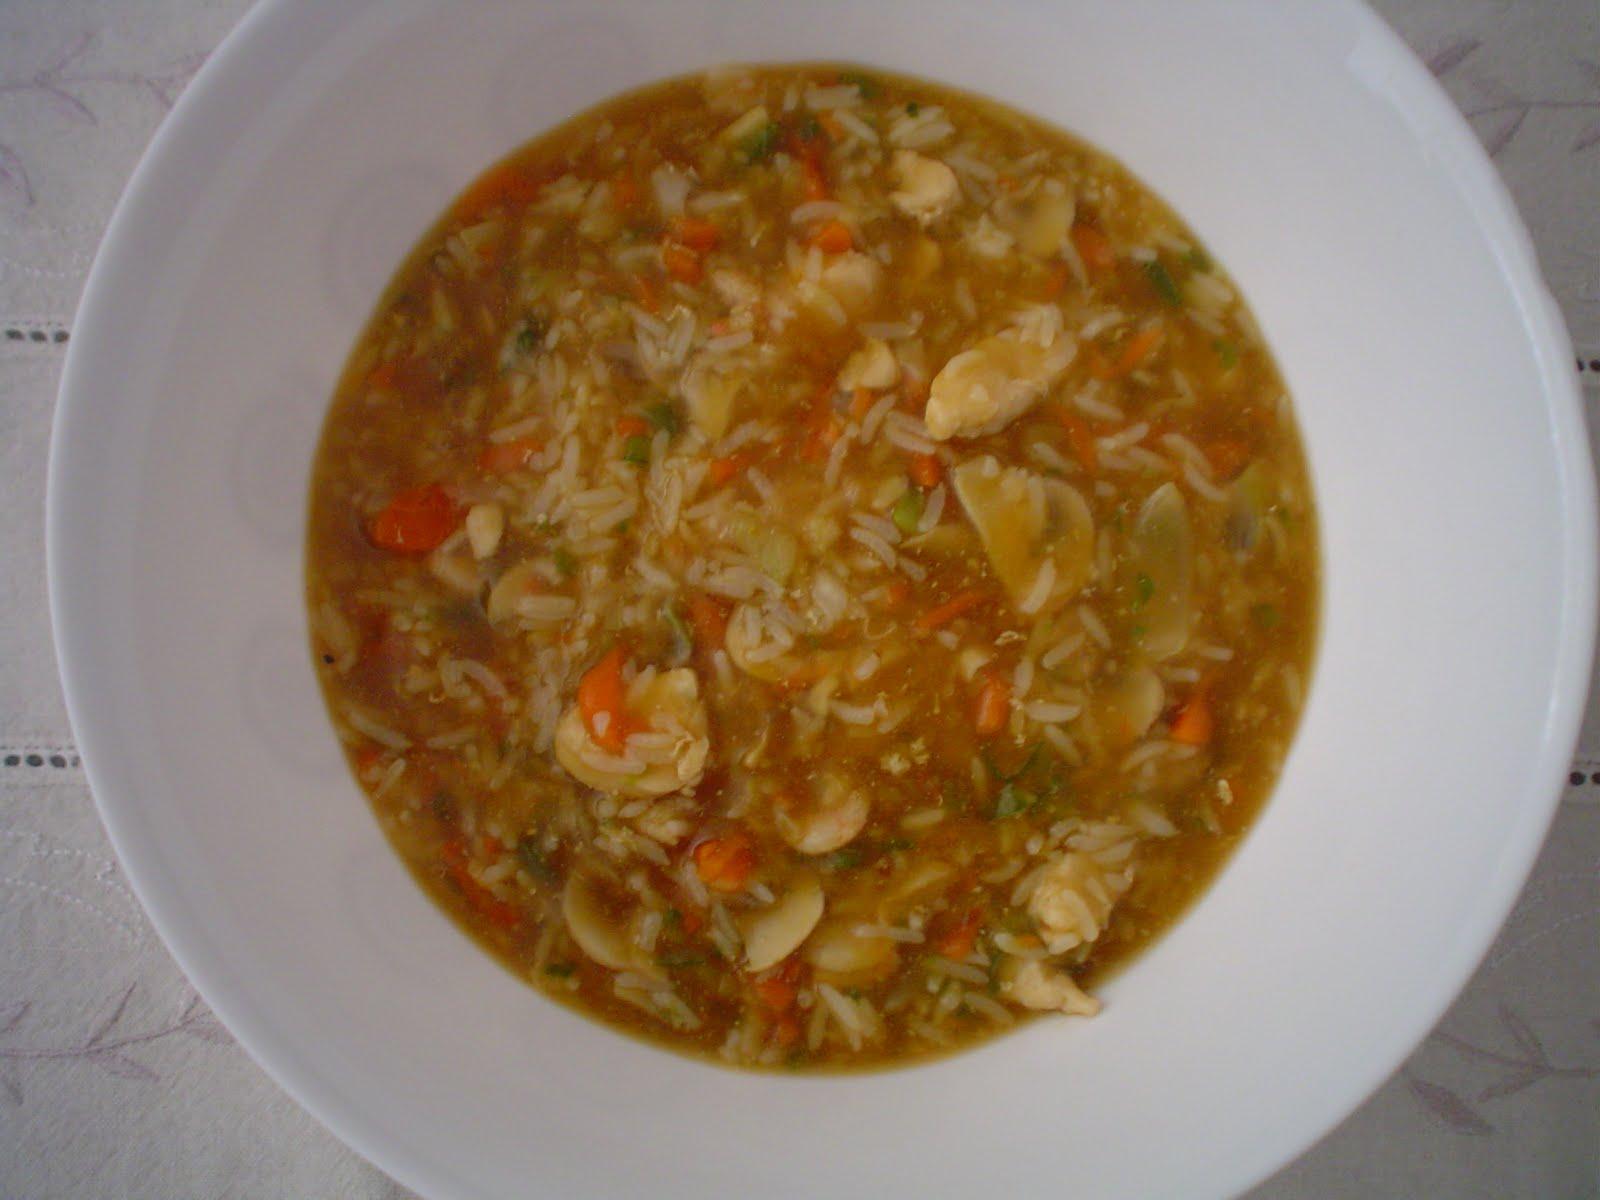 Receta de arroz ku bak con 3 delicias vietnamitas en madrid for Cocinar arroz 3 delicias